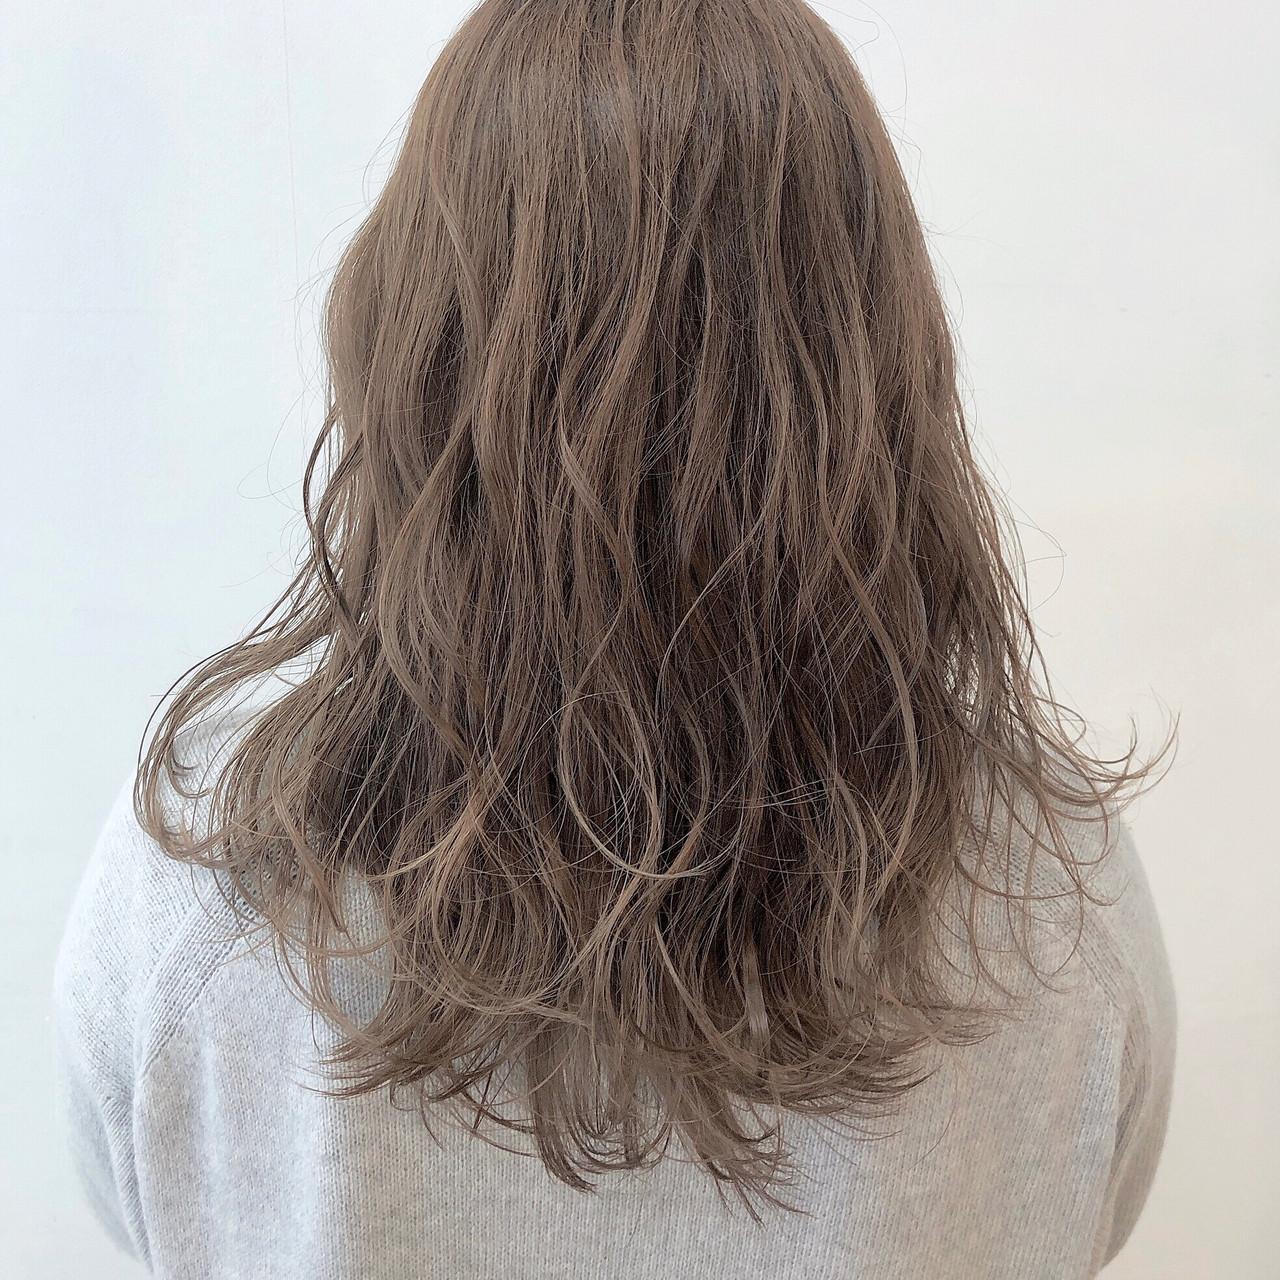 ミルクティーベージュ ロング ミルクティーアッシュ ミルクティー ヘアスタイルや髪型の写真・画像 | 山室亮太 / velta